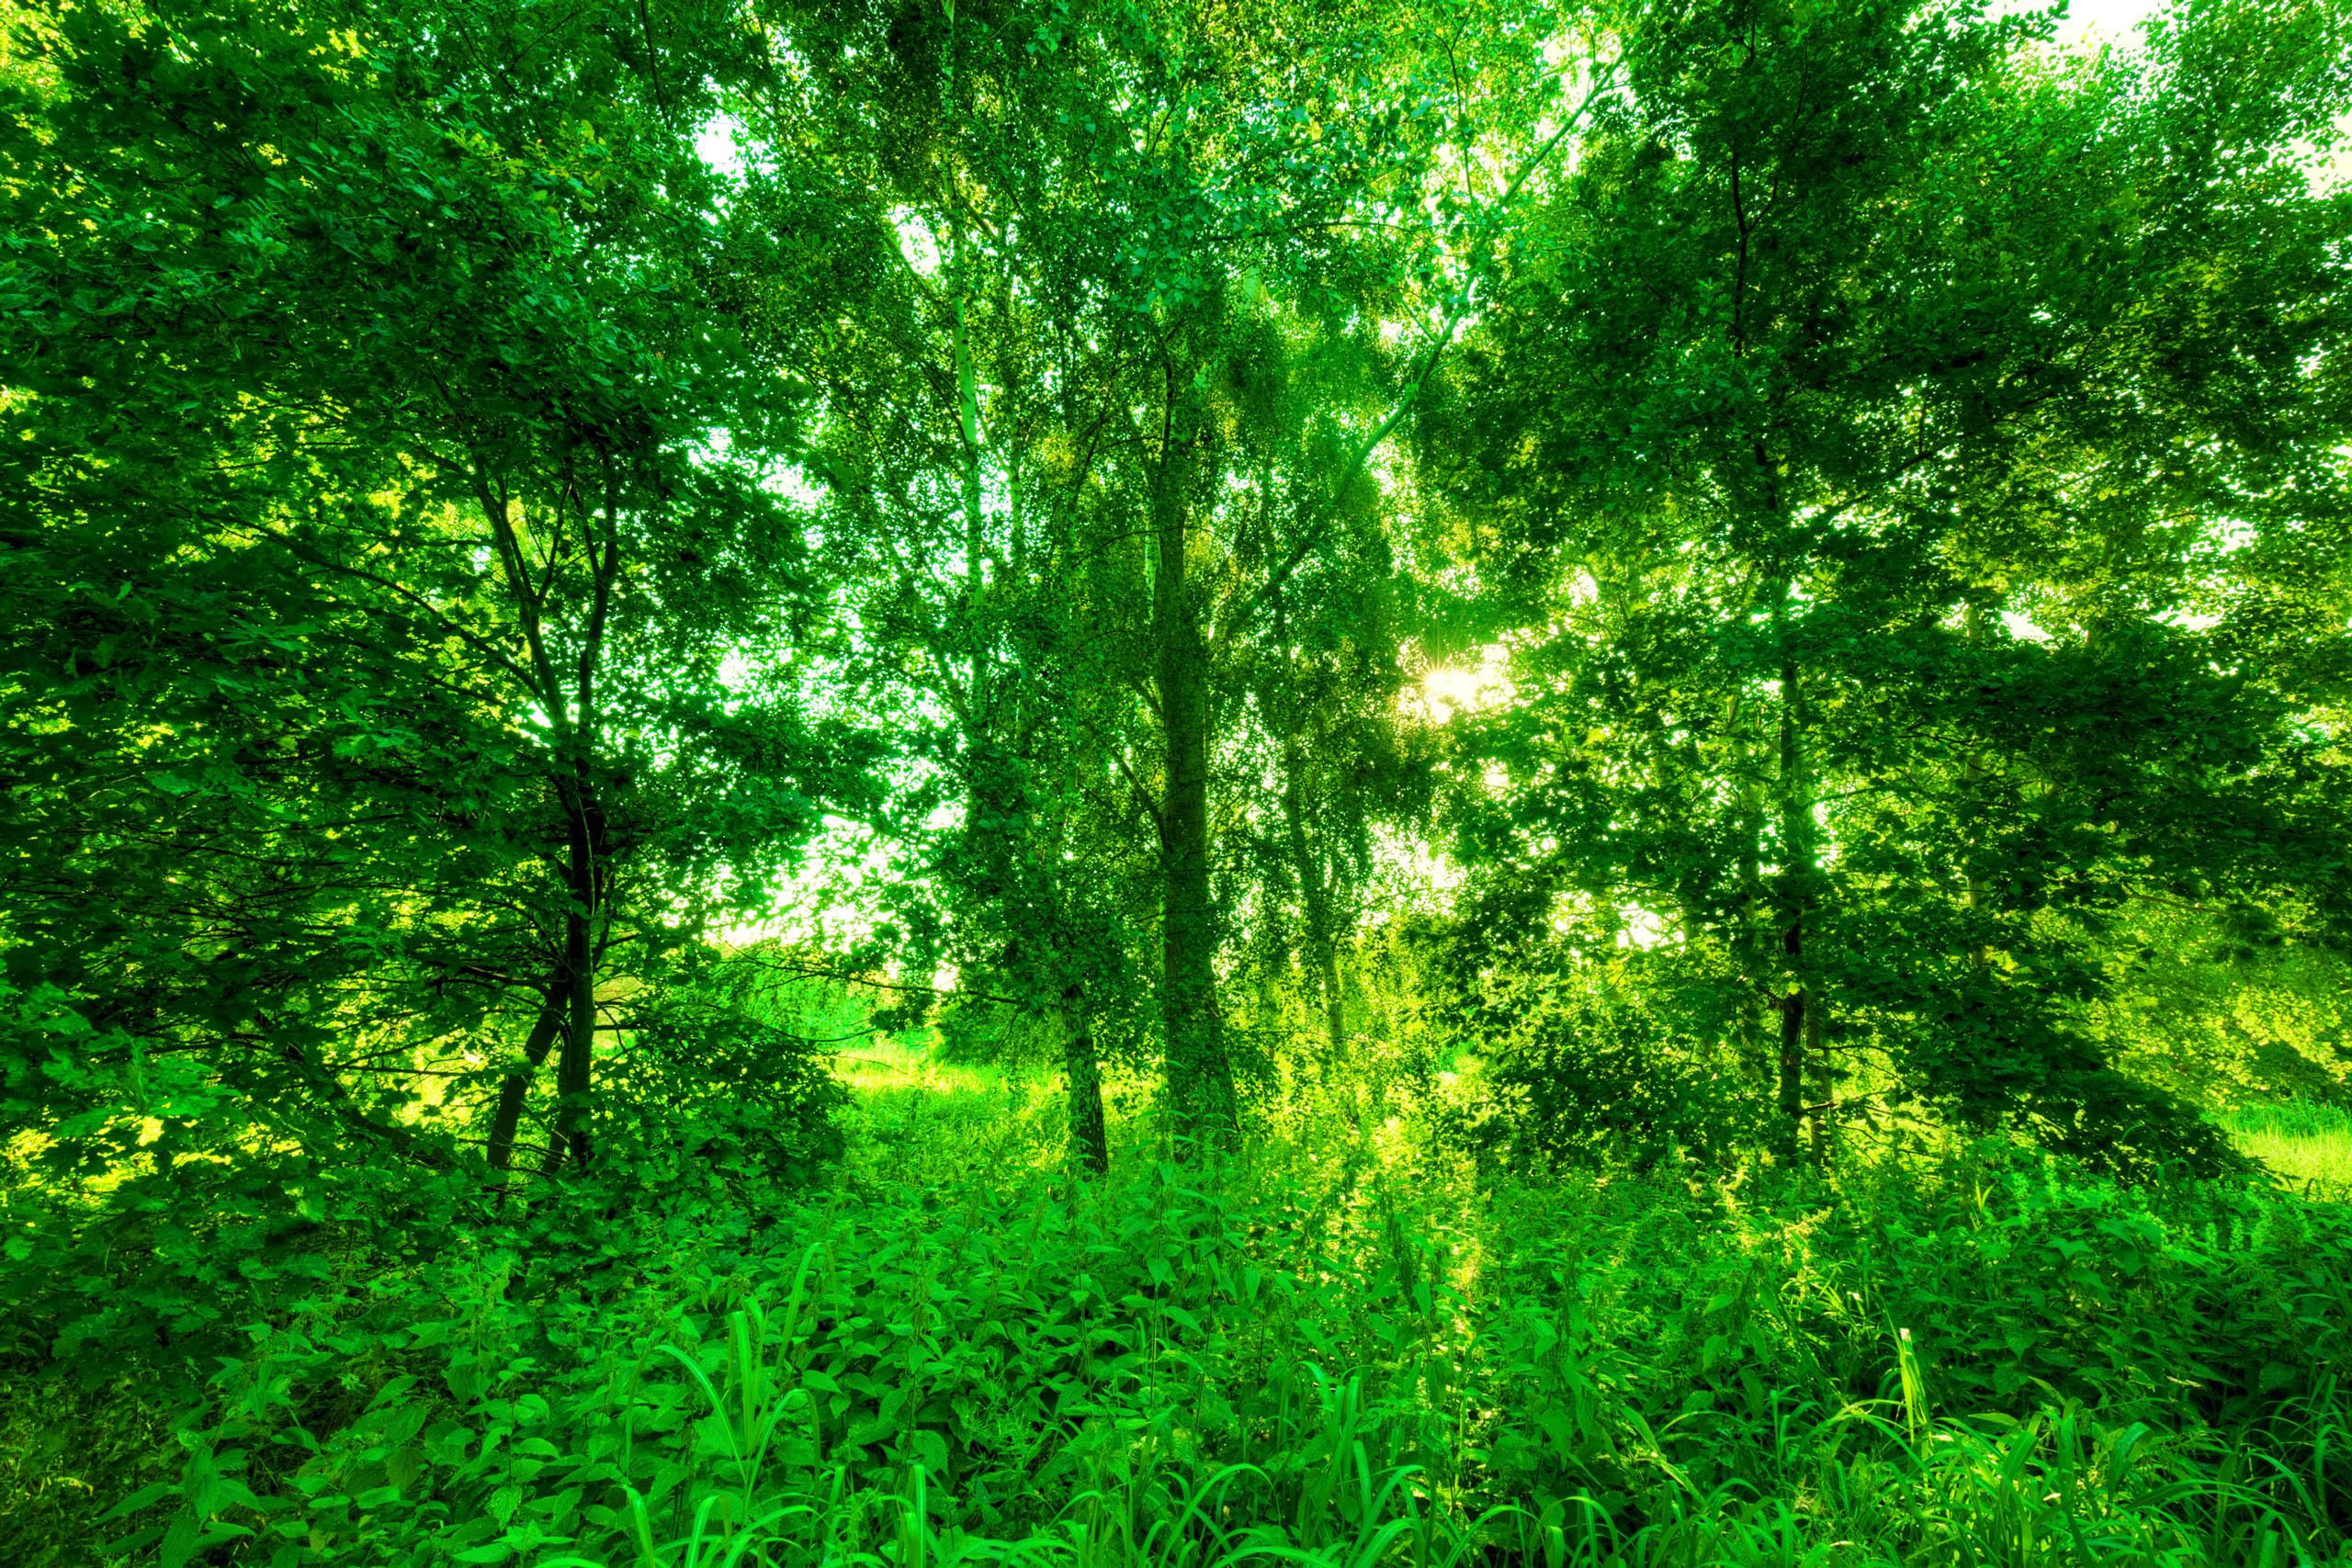 Летний лес с ярко-зелёной листвой.